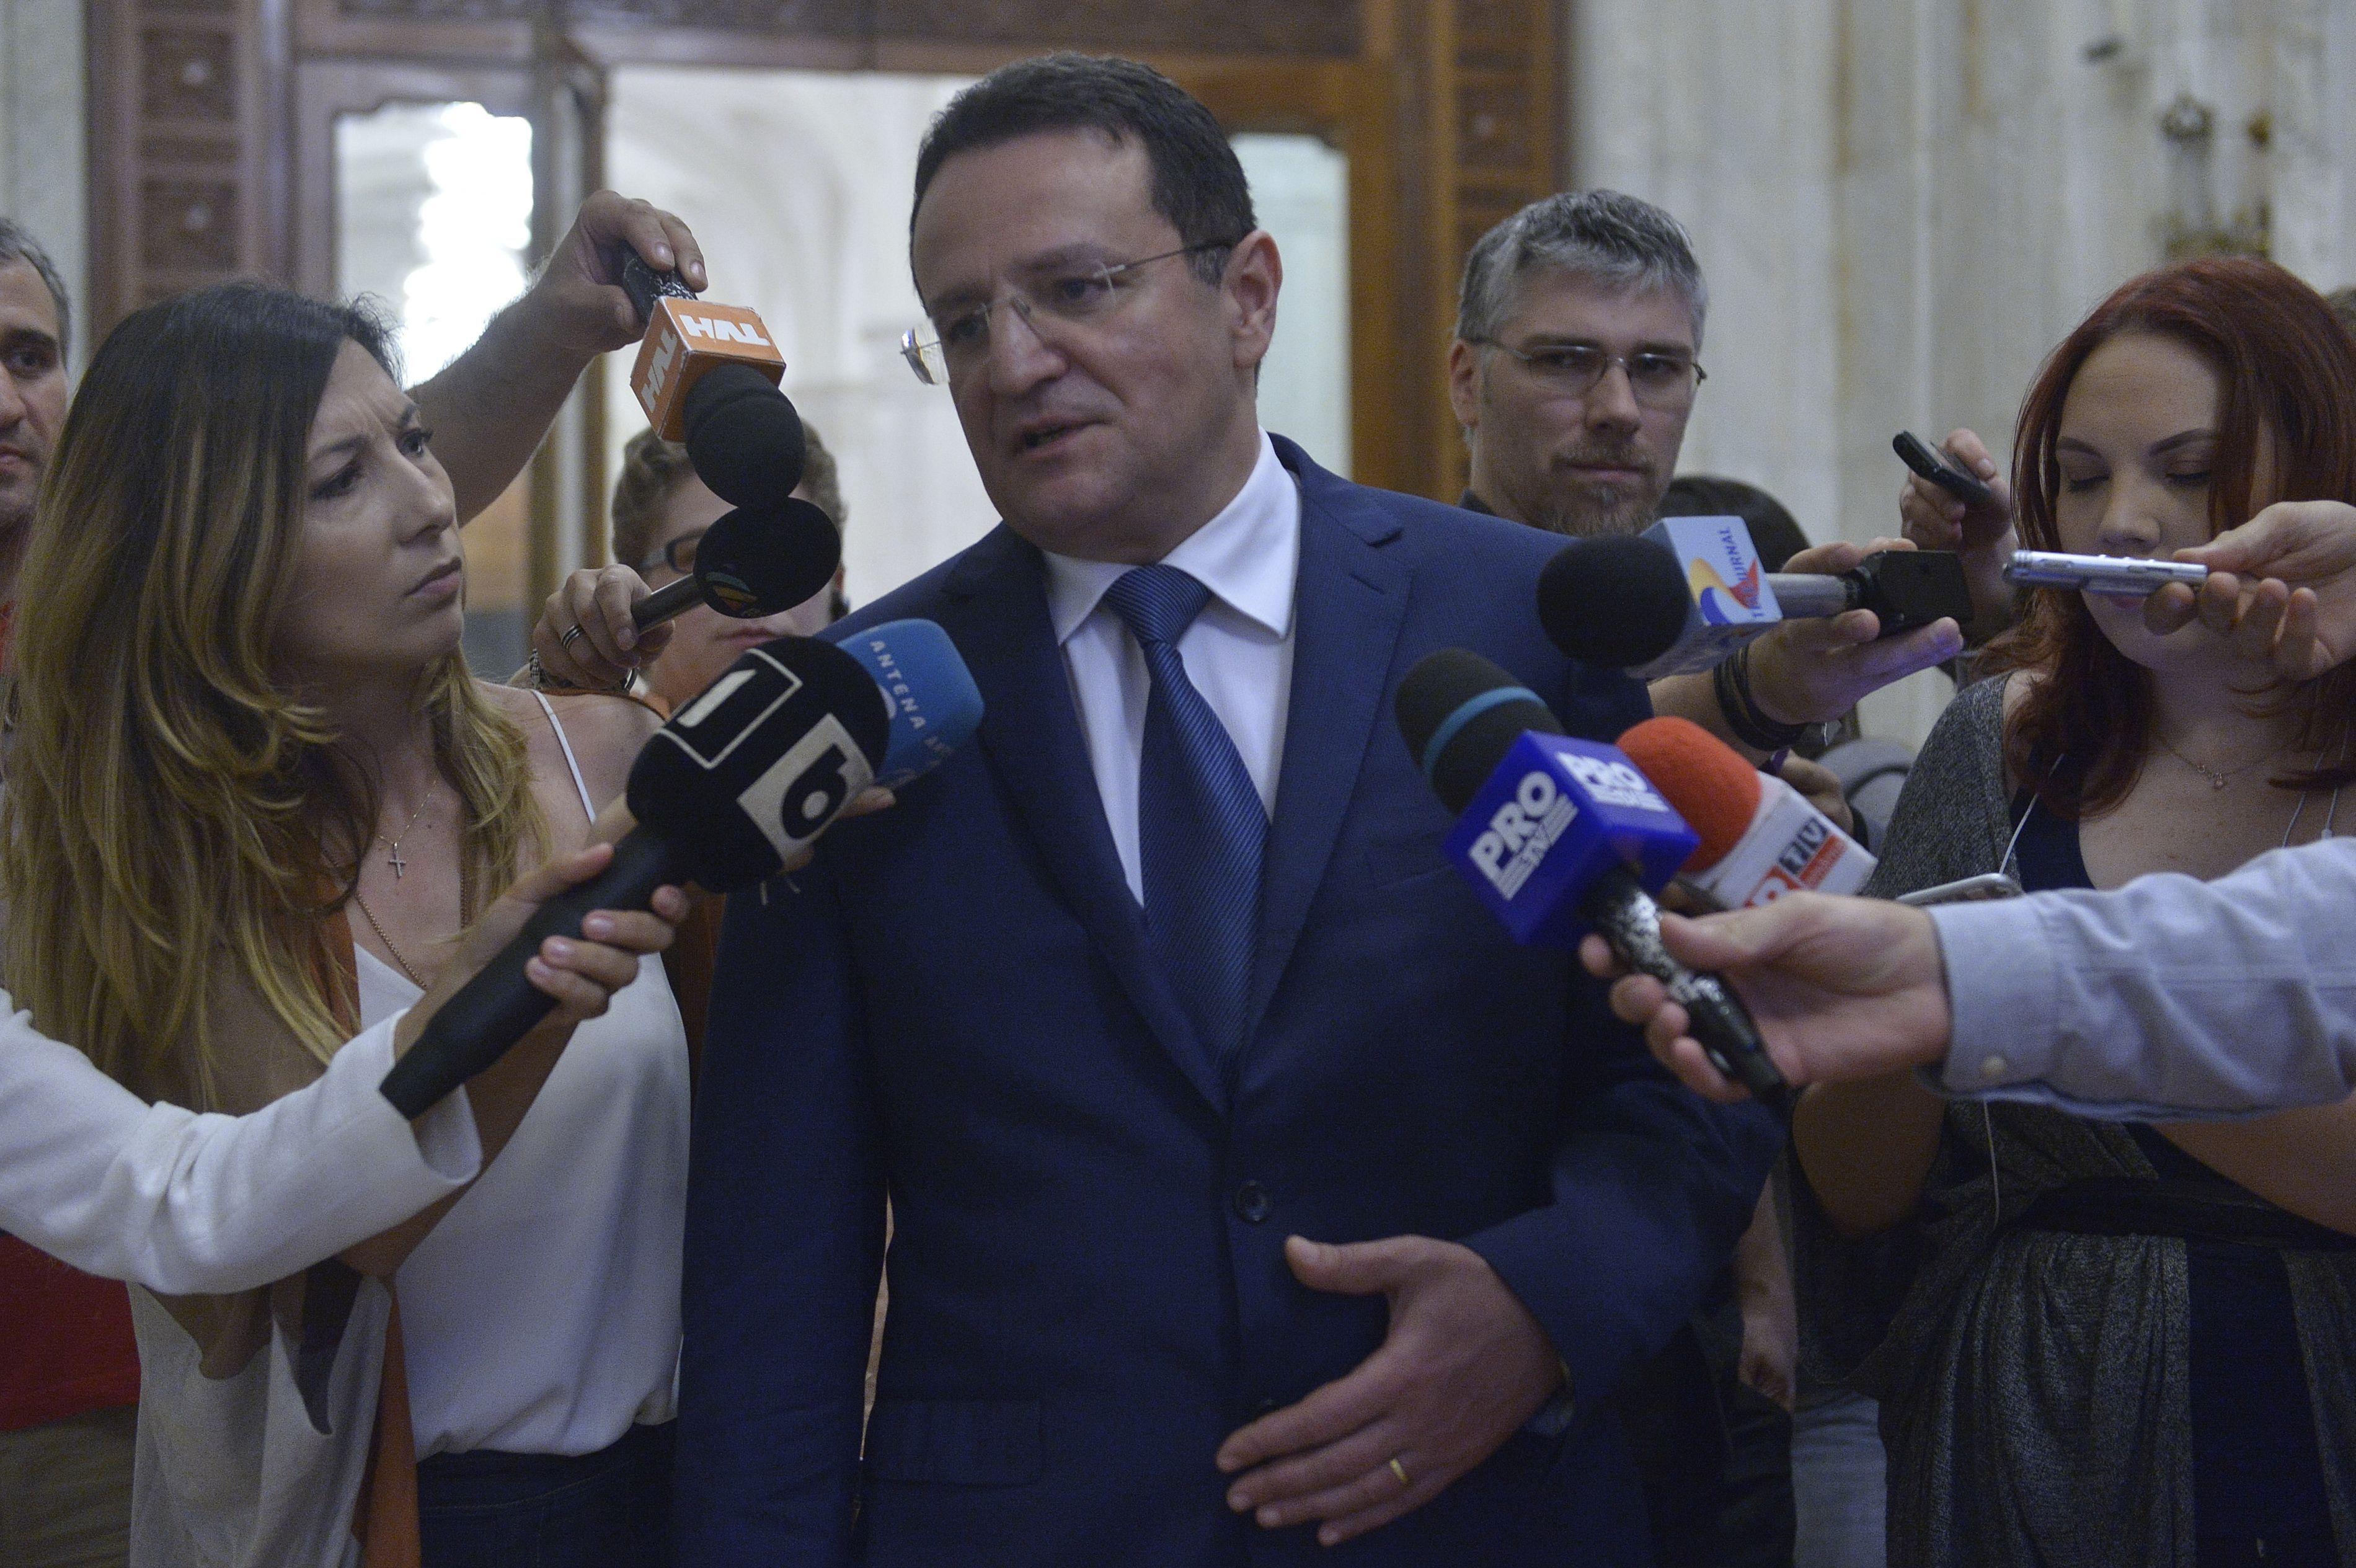 Fost şef SPP, Dumitru Iliescu: Dosarul fostului magistrat CCR, Toni Greblă, s-a făcut la ordinul lui George Maior. Ţinte, mulţi judecători CCR